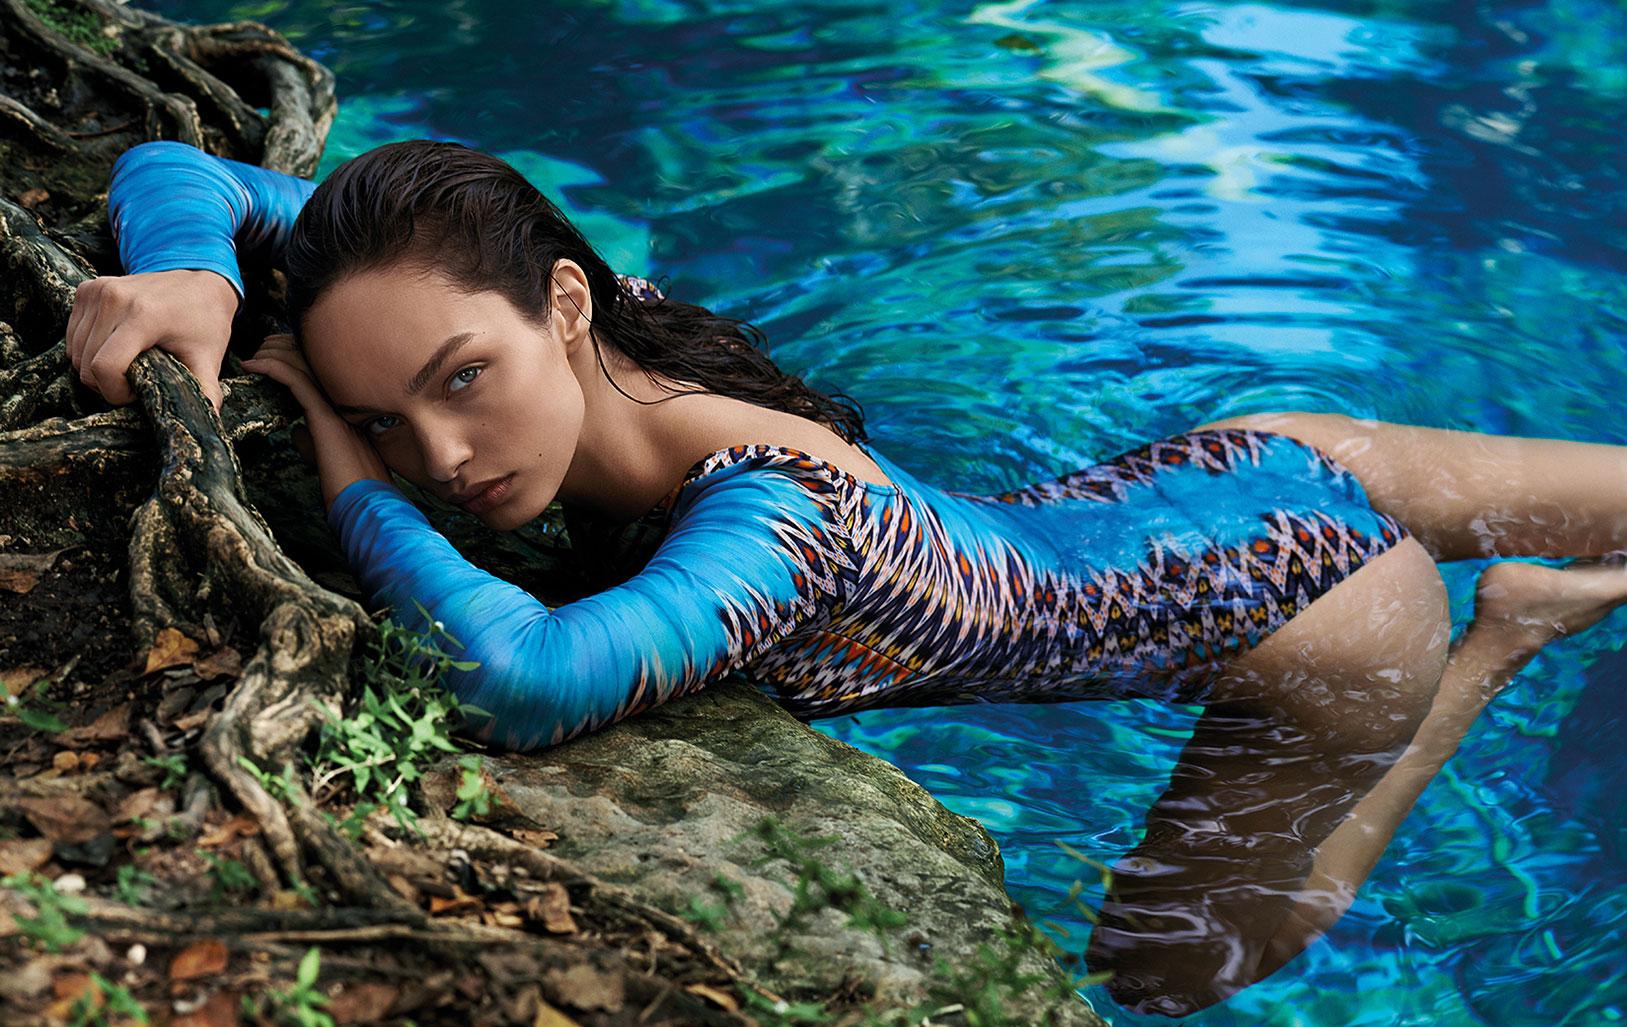 Лума Гроте в купальниках и пляжной одежде модного бренда Cia Maritima / фото 01